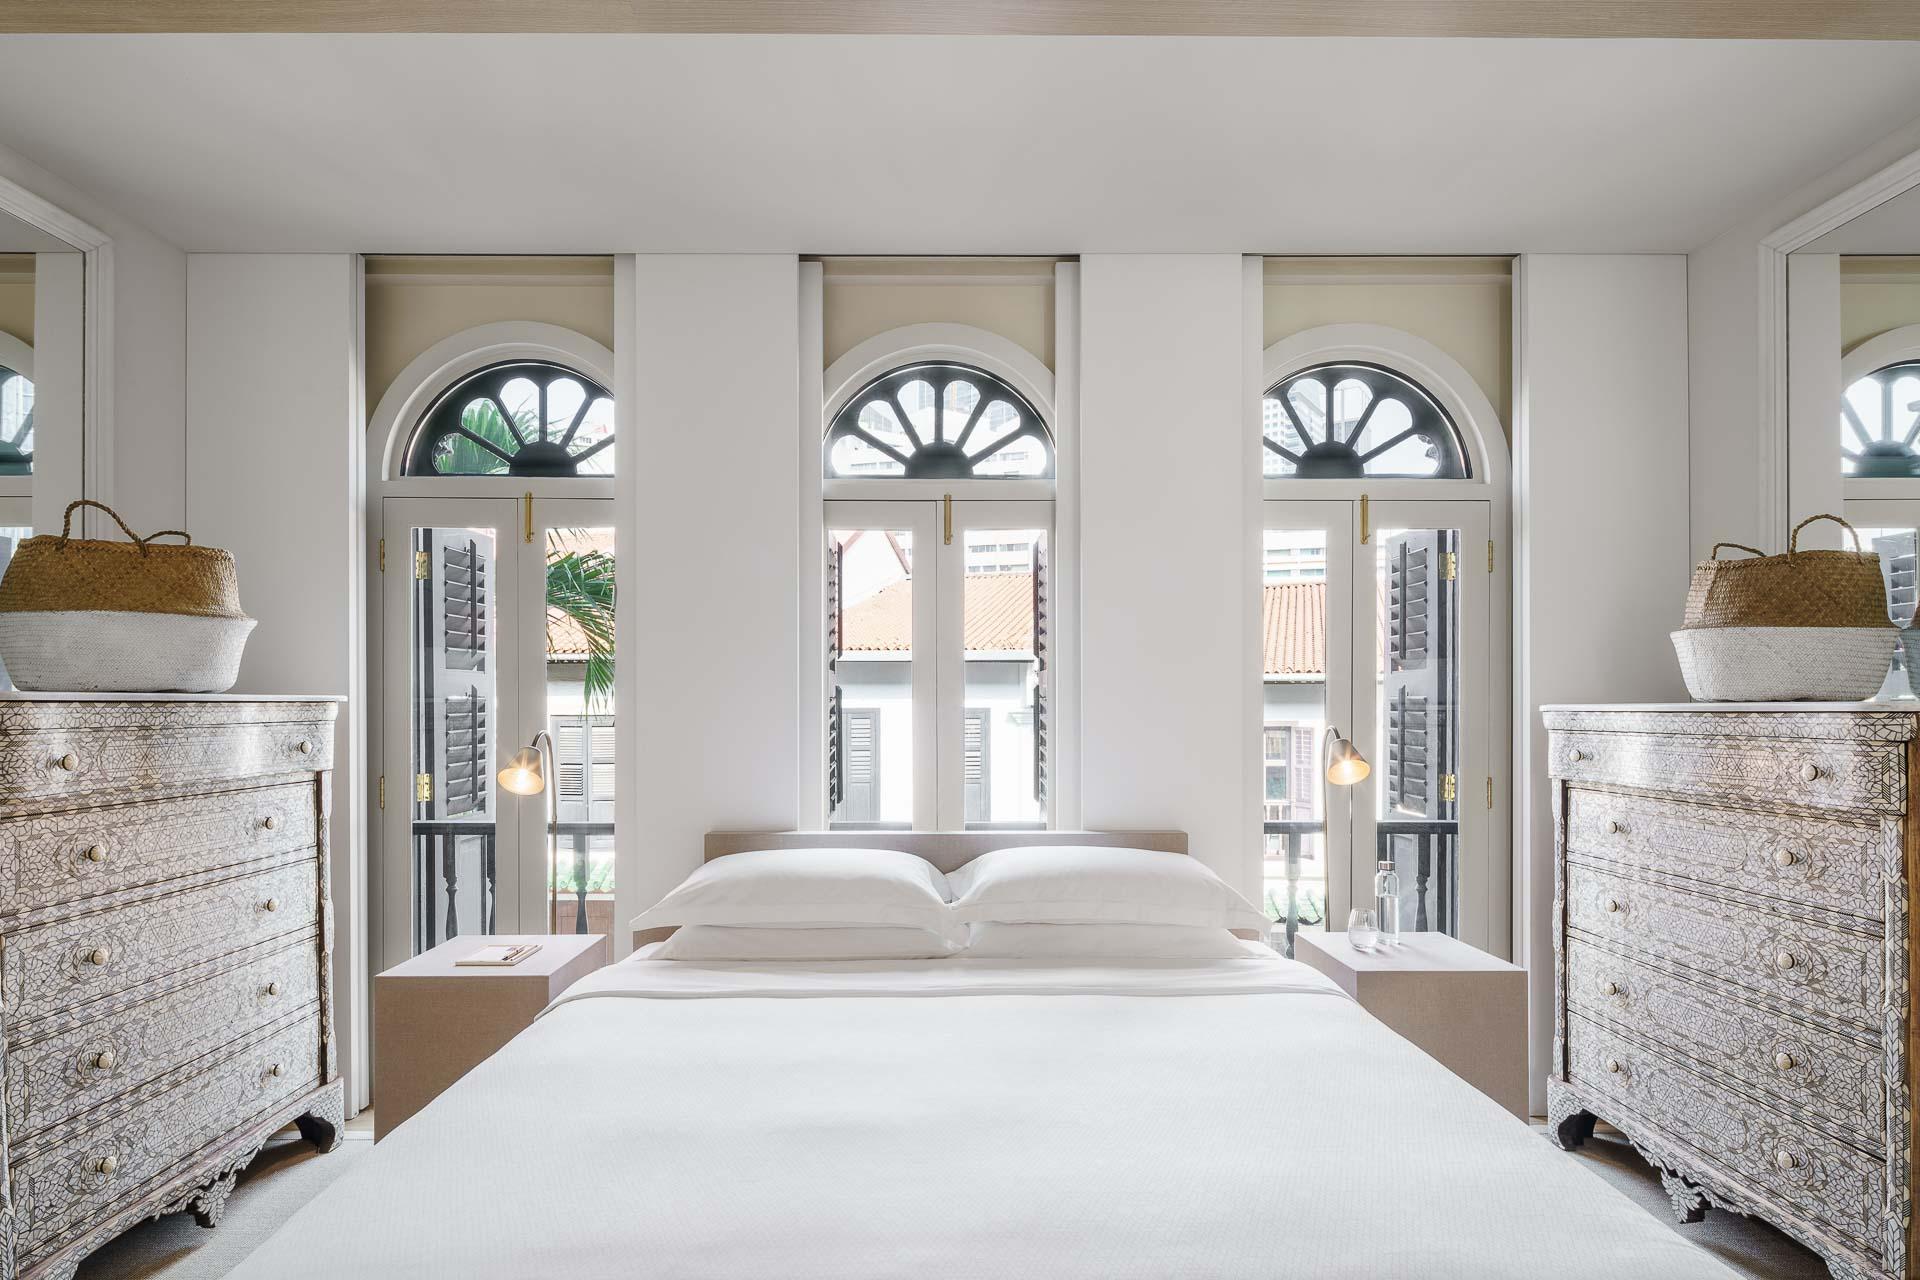 Dans le quartier de Tanjong Pagar, dans le cœur historique de Singapour, l'enseigne asiatique Six Senses ouvre son premier hôtel de luxe urbain. En attendant une seconde adresse singapourienne dans quelques mois et New York en 2020.